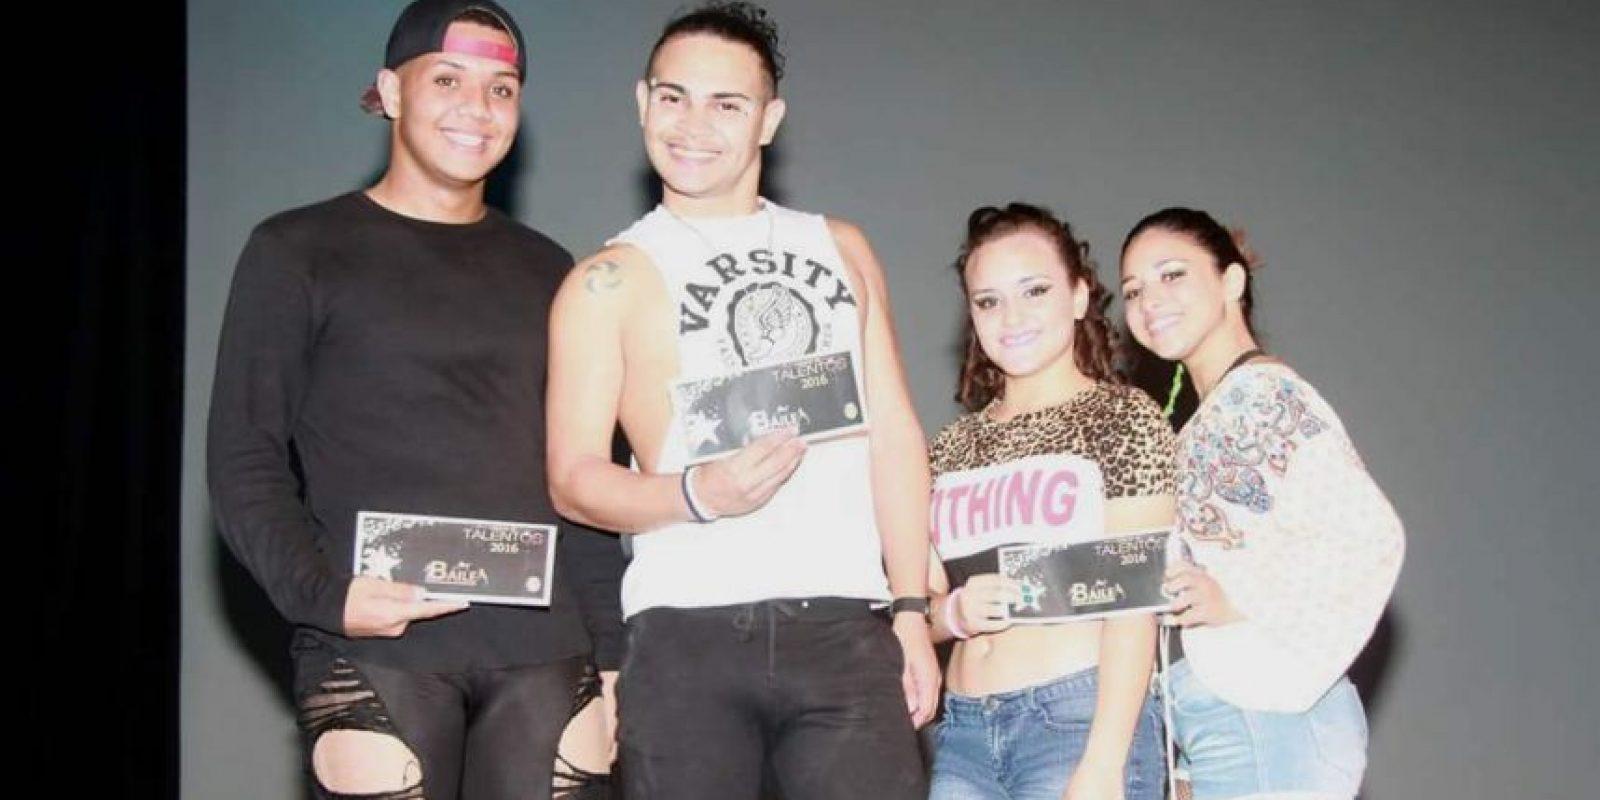 Los ganadores de la categoría de baile. Foto:Inter News Service. Imagen Por: